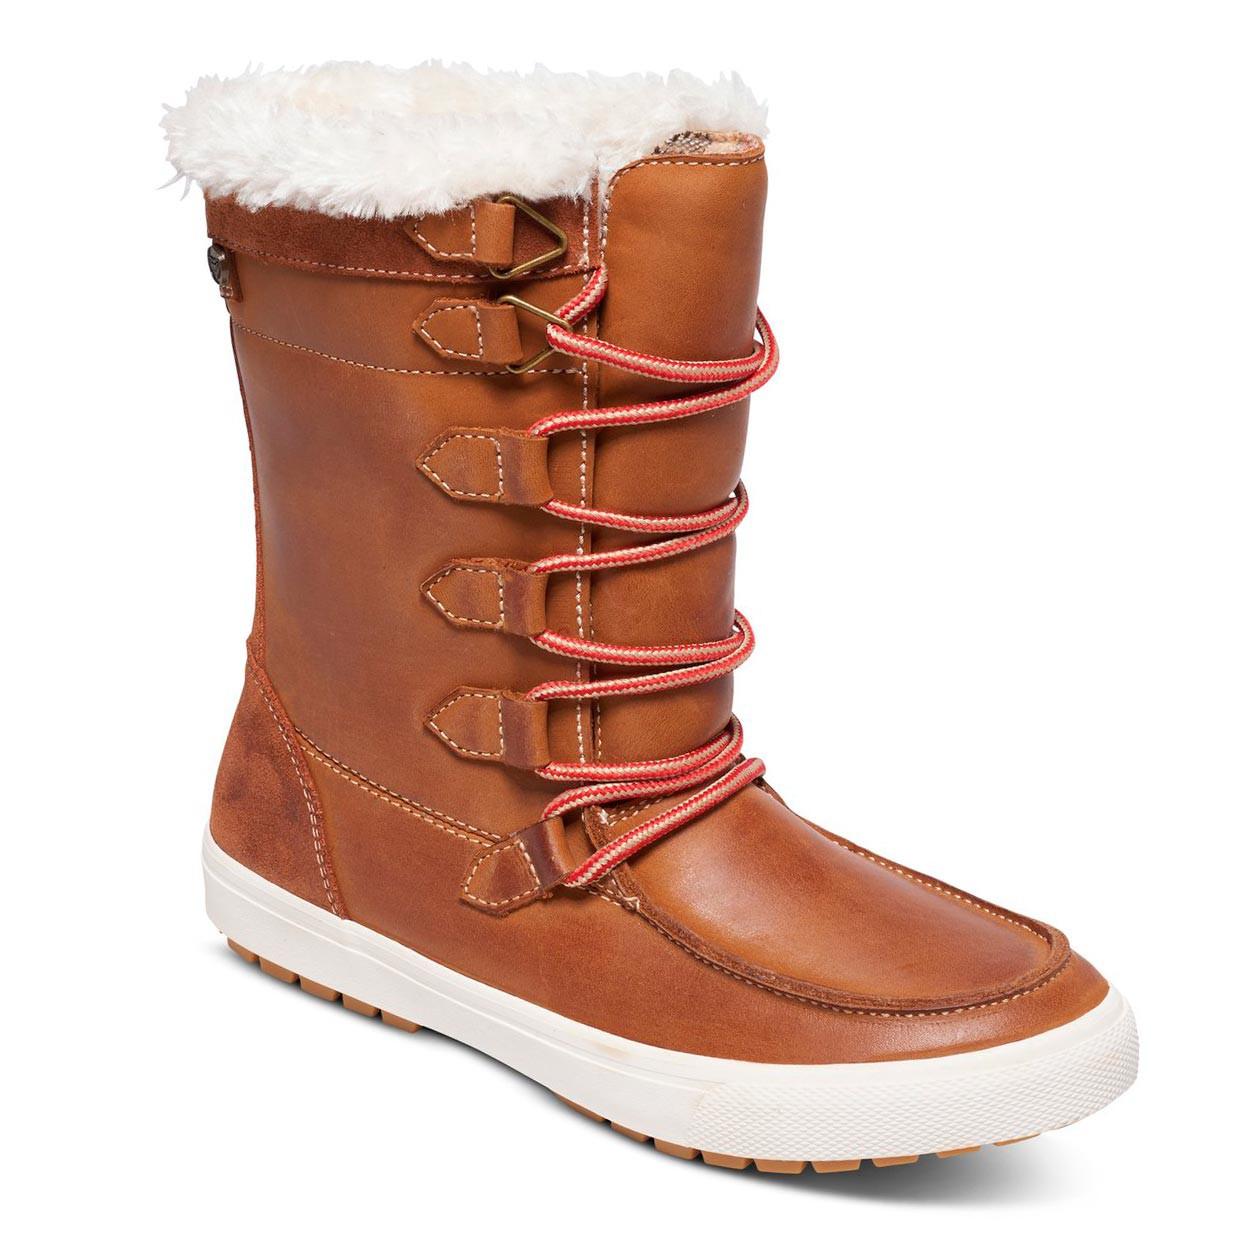 Zimní boty Roxy Salzburg brown vel.6 (39) 16 + doručení do 24 hodin